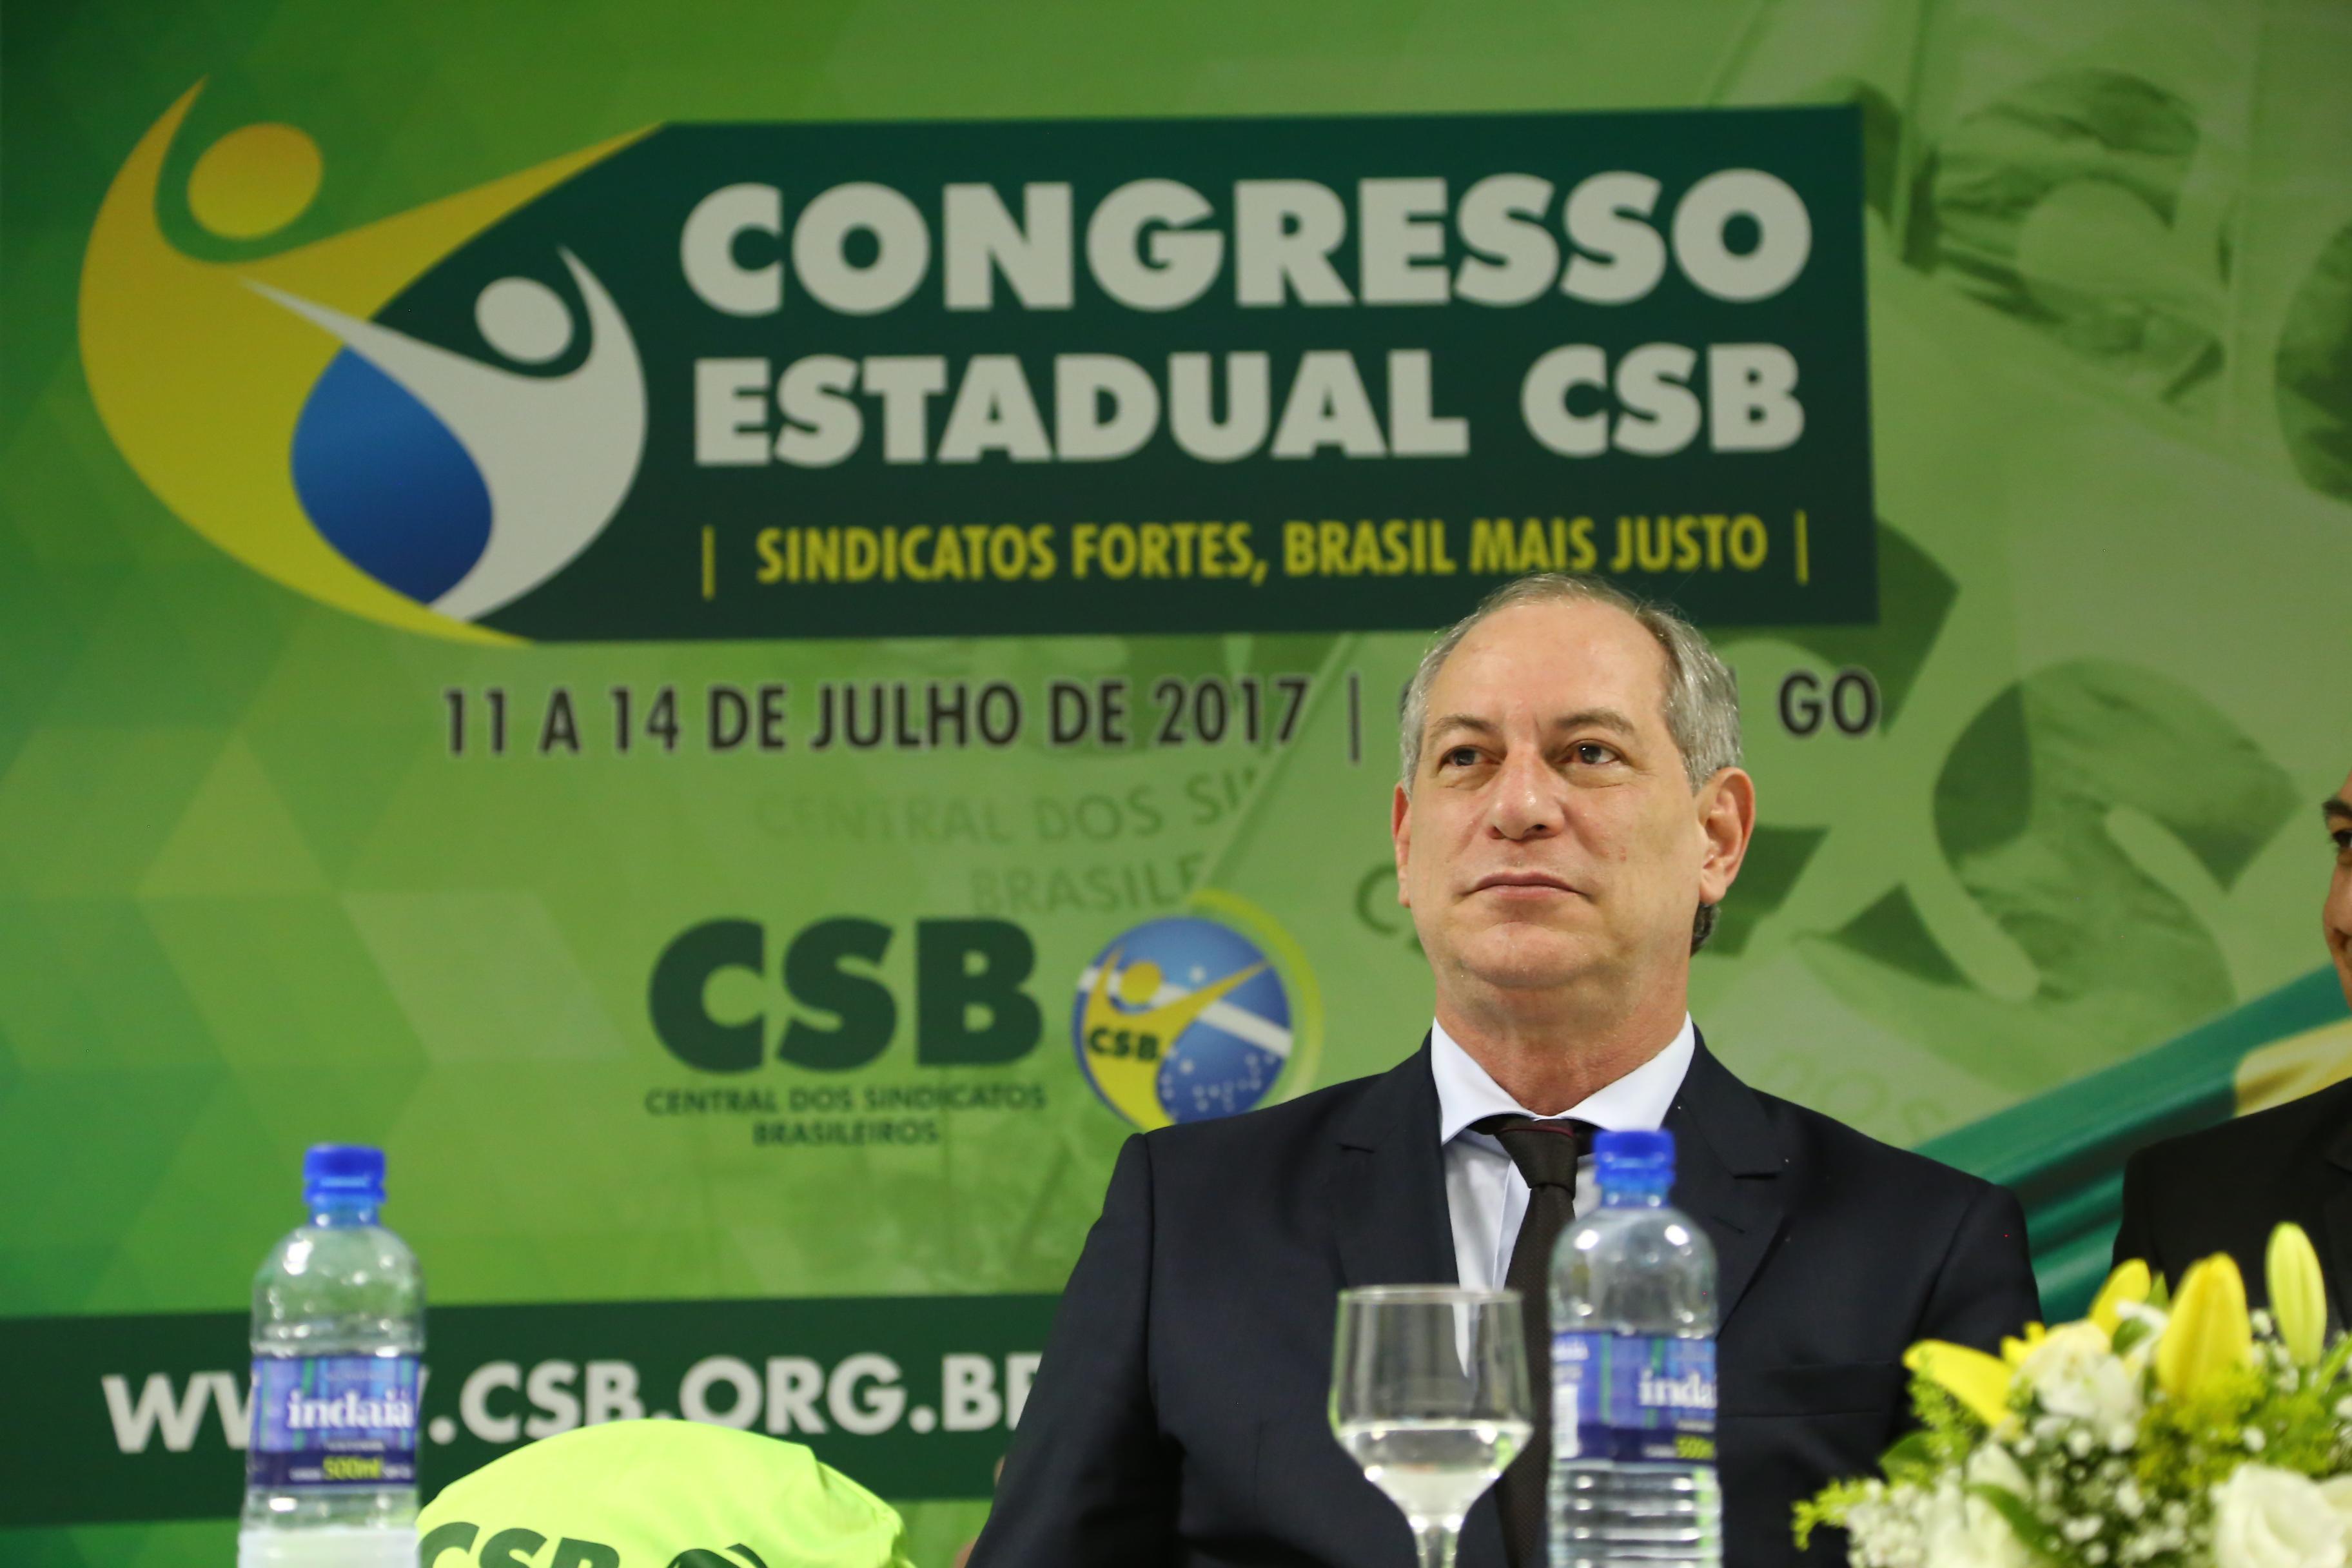 Palestra de Ciro Gomes – Congresso Estadual CSB Goiás – 11 de julho | 2017